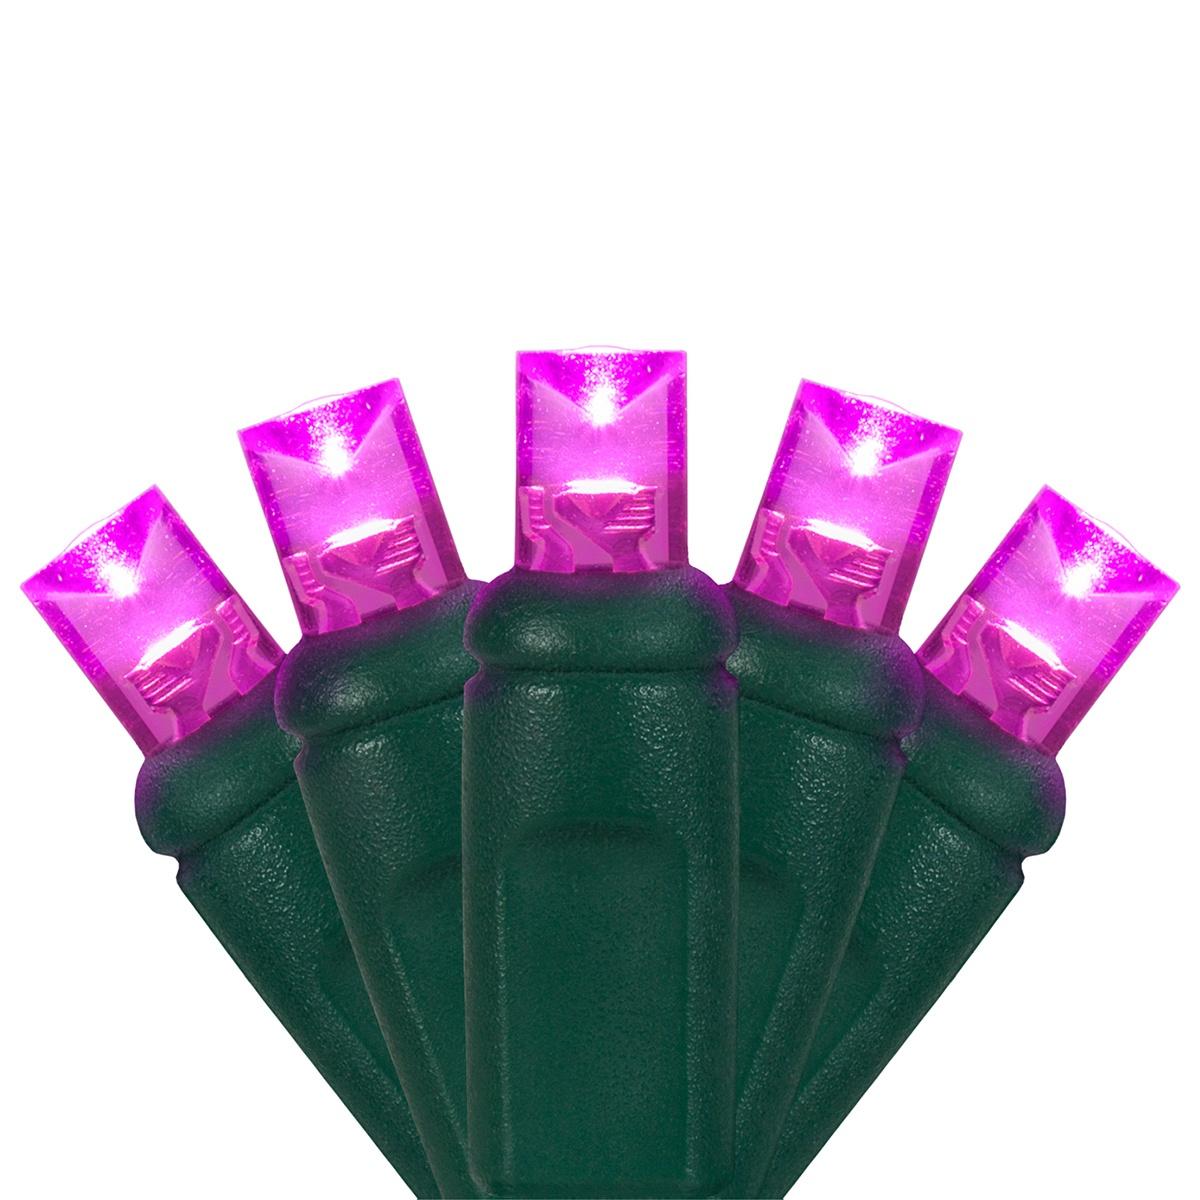 Wide Angle 5MM LED Lights - 70 5mm Pink LED Christmas Lights, 4 ...